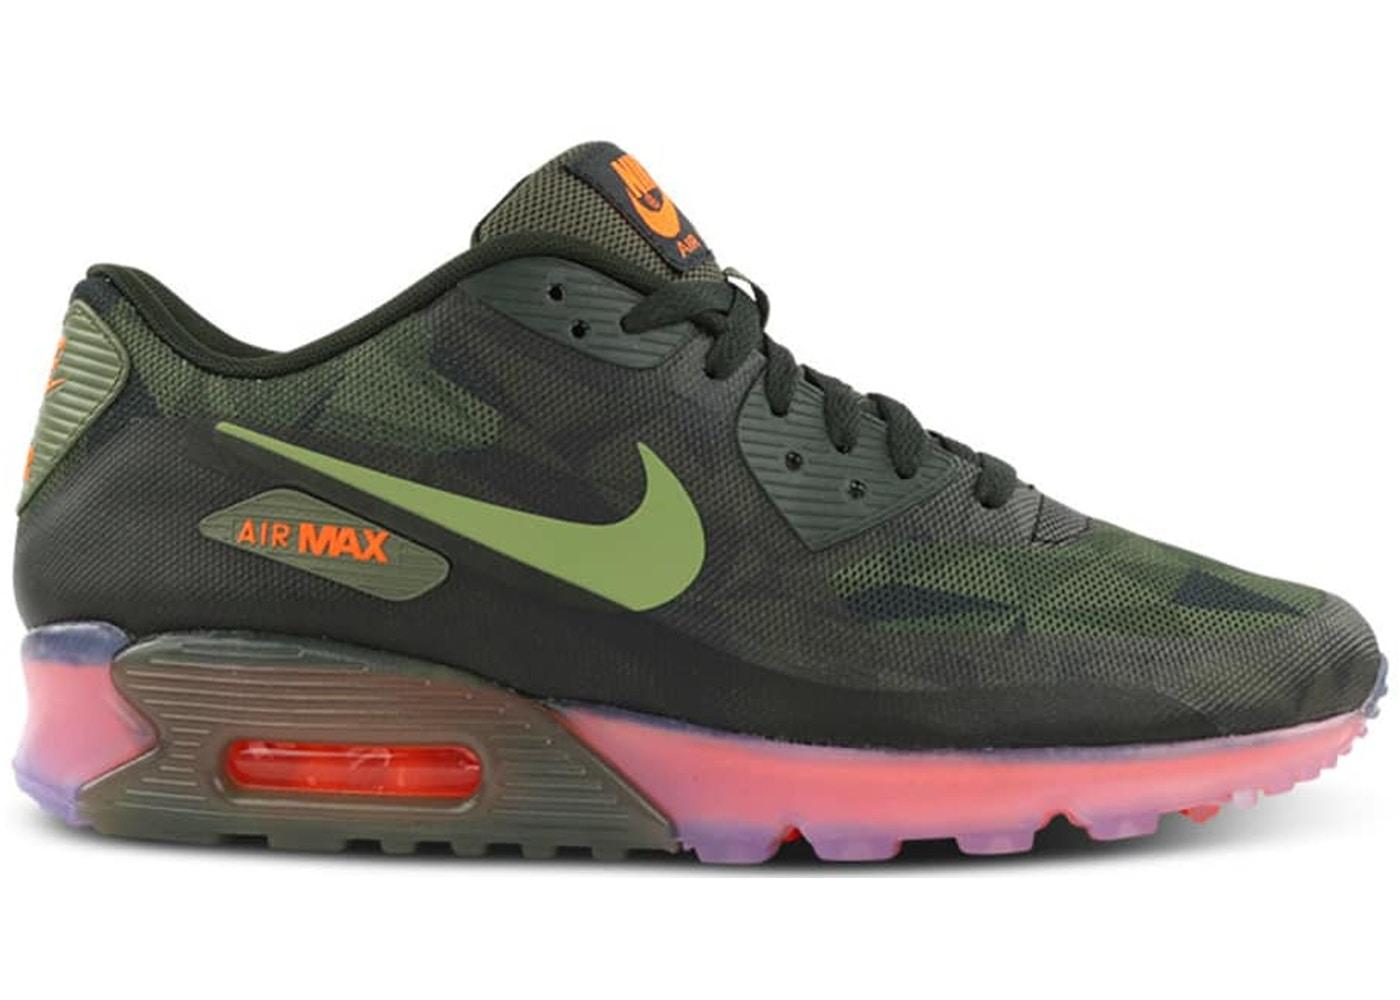 Nike Air Max 90 Ice Rough Green